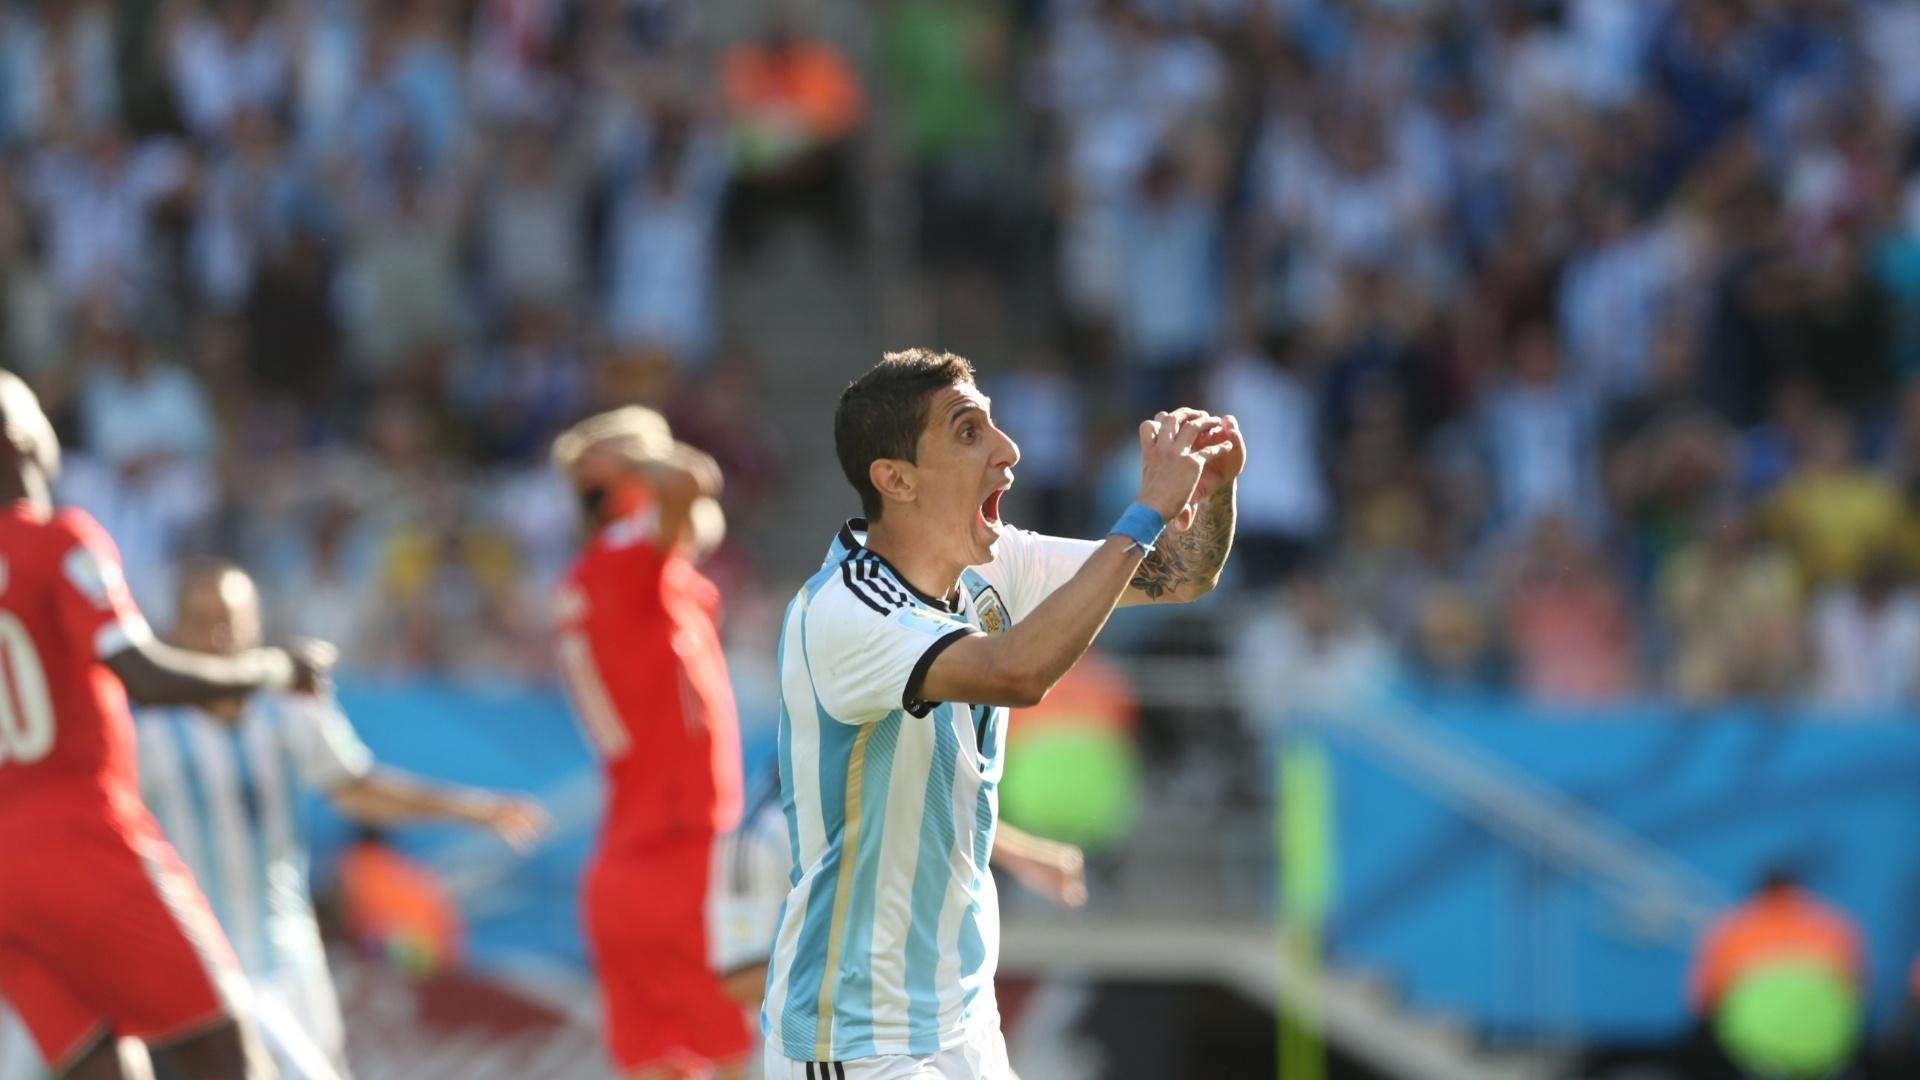 01.jul.2014 - Di Maria comemora o gol da vitória argentina, enquanto, ao fundo, os suíços lamentam a eliminação no segundo tempo da prorrogação